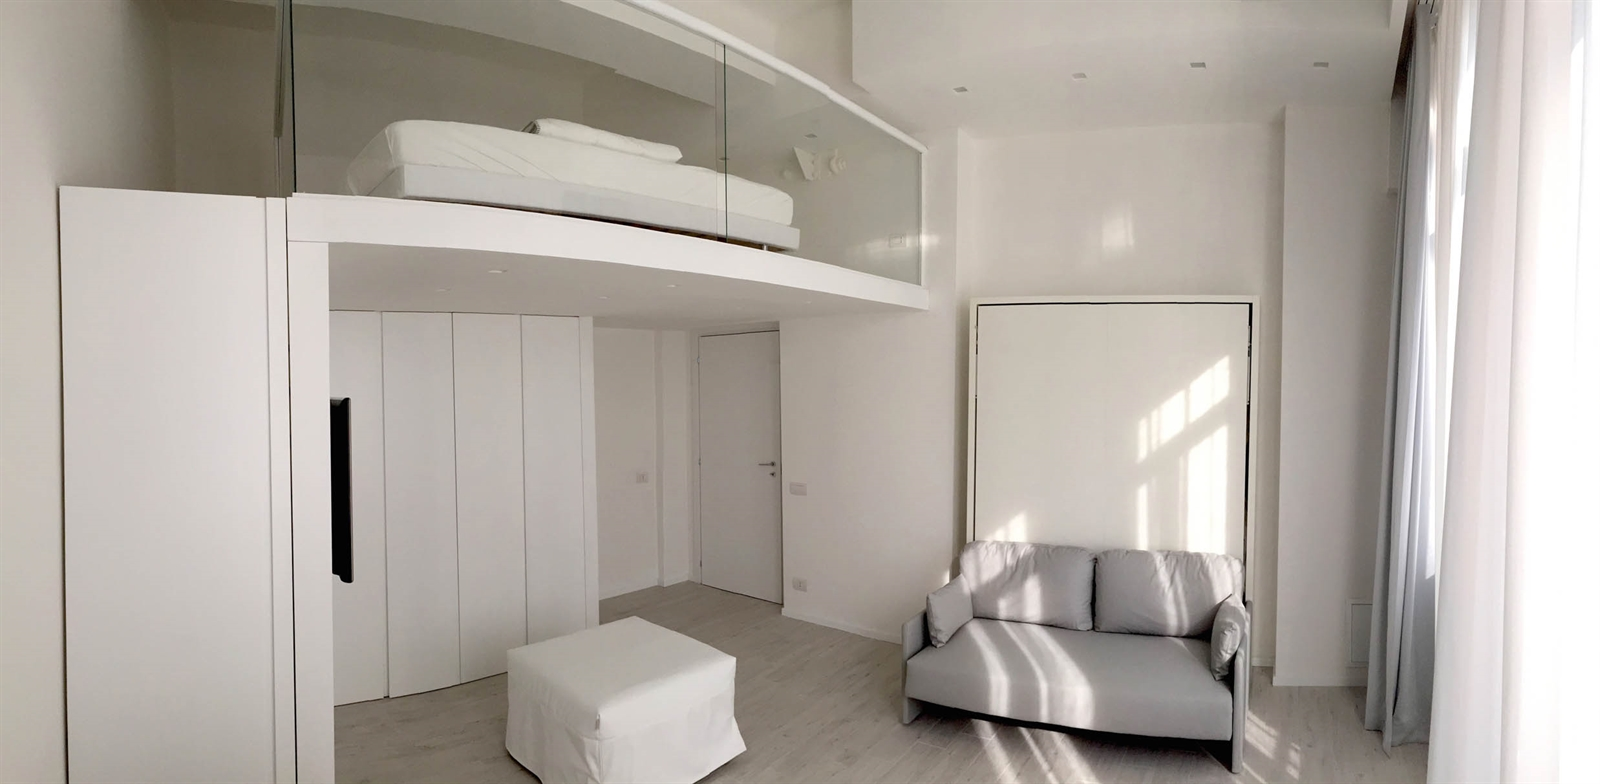 Appartamenti di stile nel cuore di milano for Appartamenti moderni